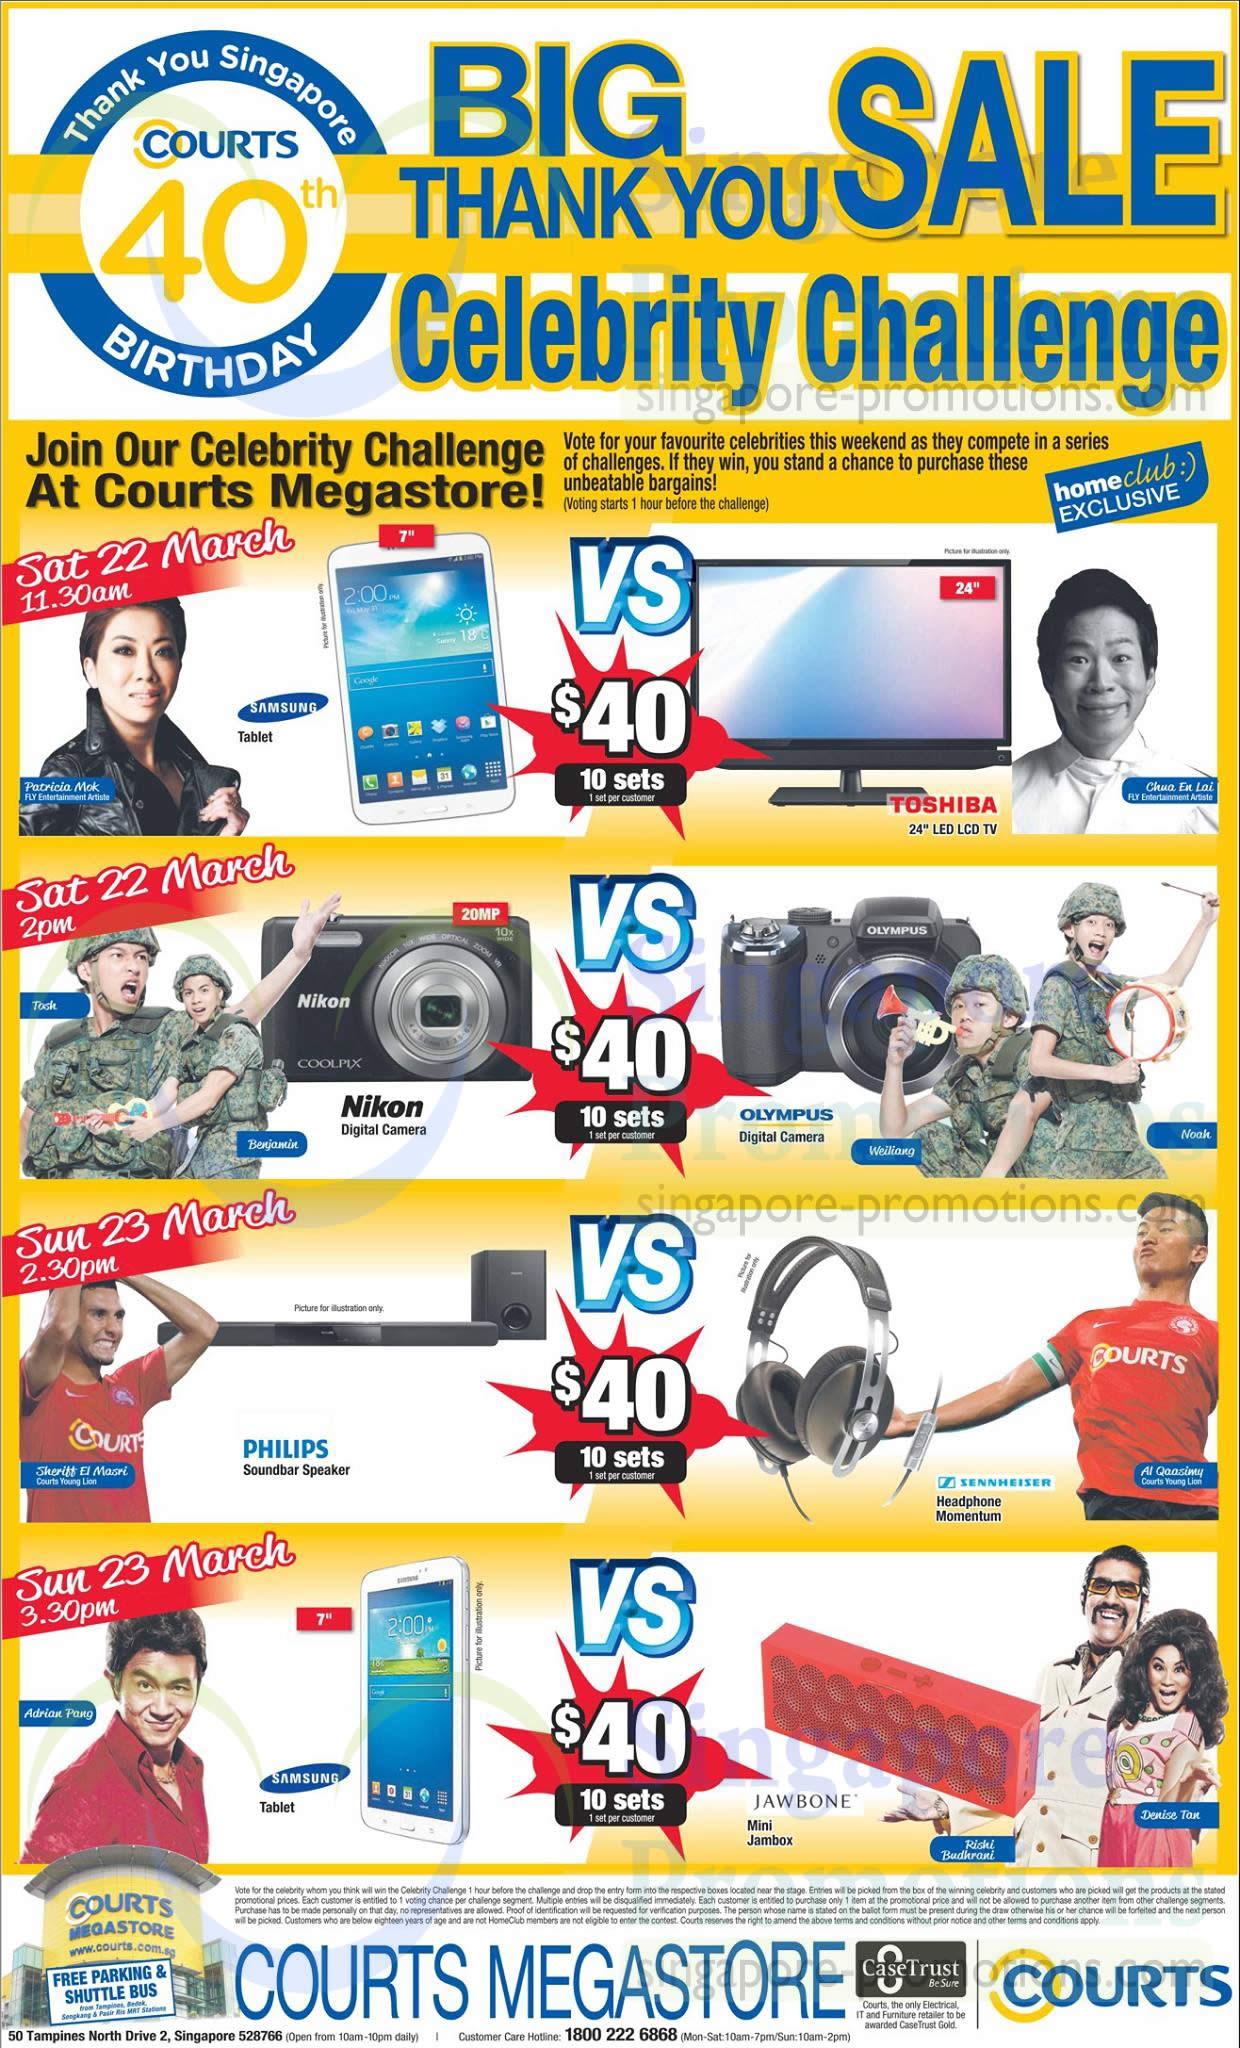 Megastore Celebrity Challenges